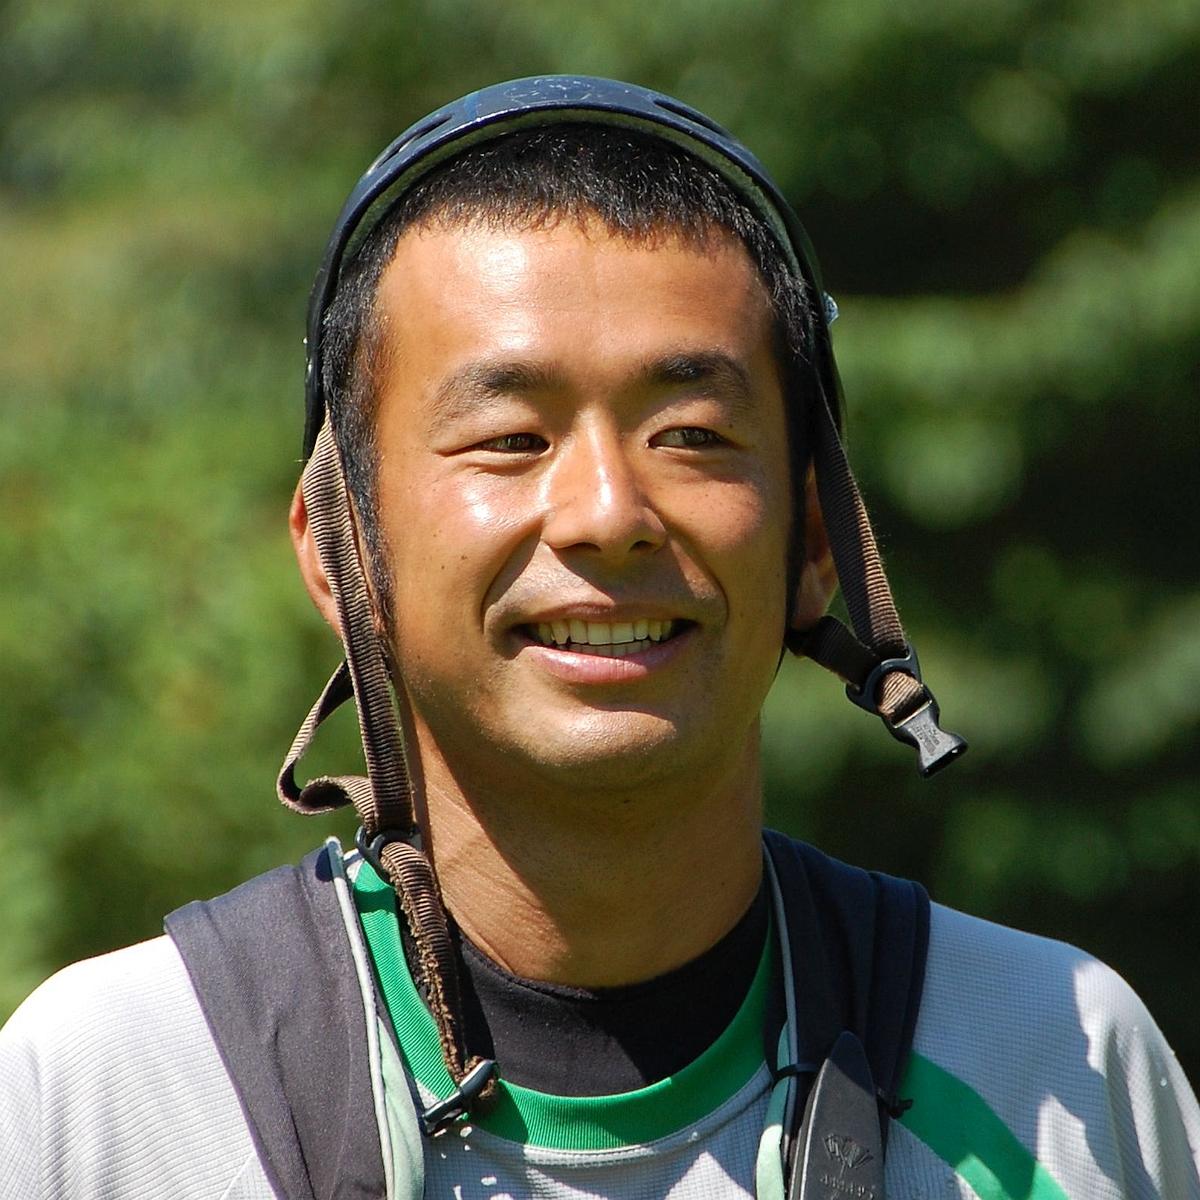 元ラフティングレース日本代表 カッパCLUBの黄金時代を築いた男<br> レースはもとより、全日本リバーガイド選手権の優勝経験あり